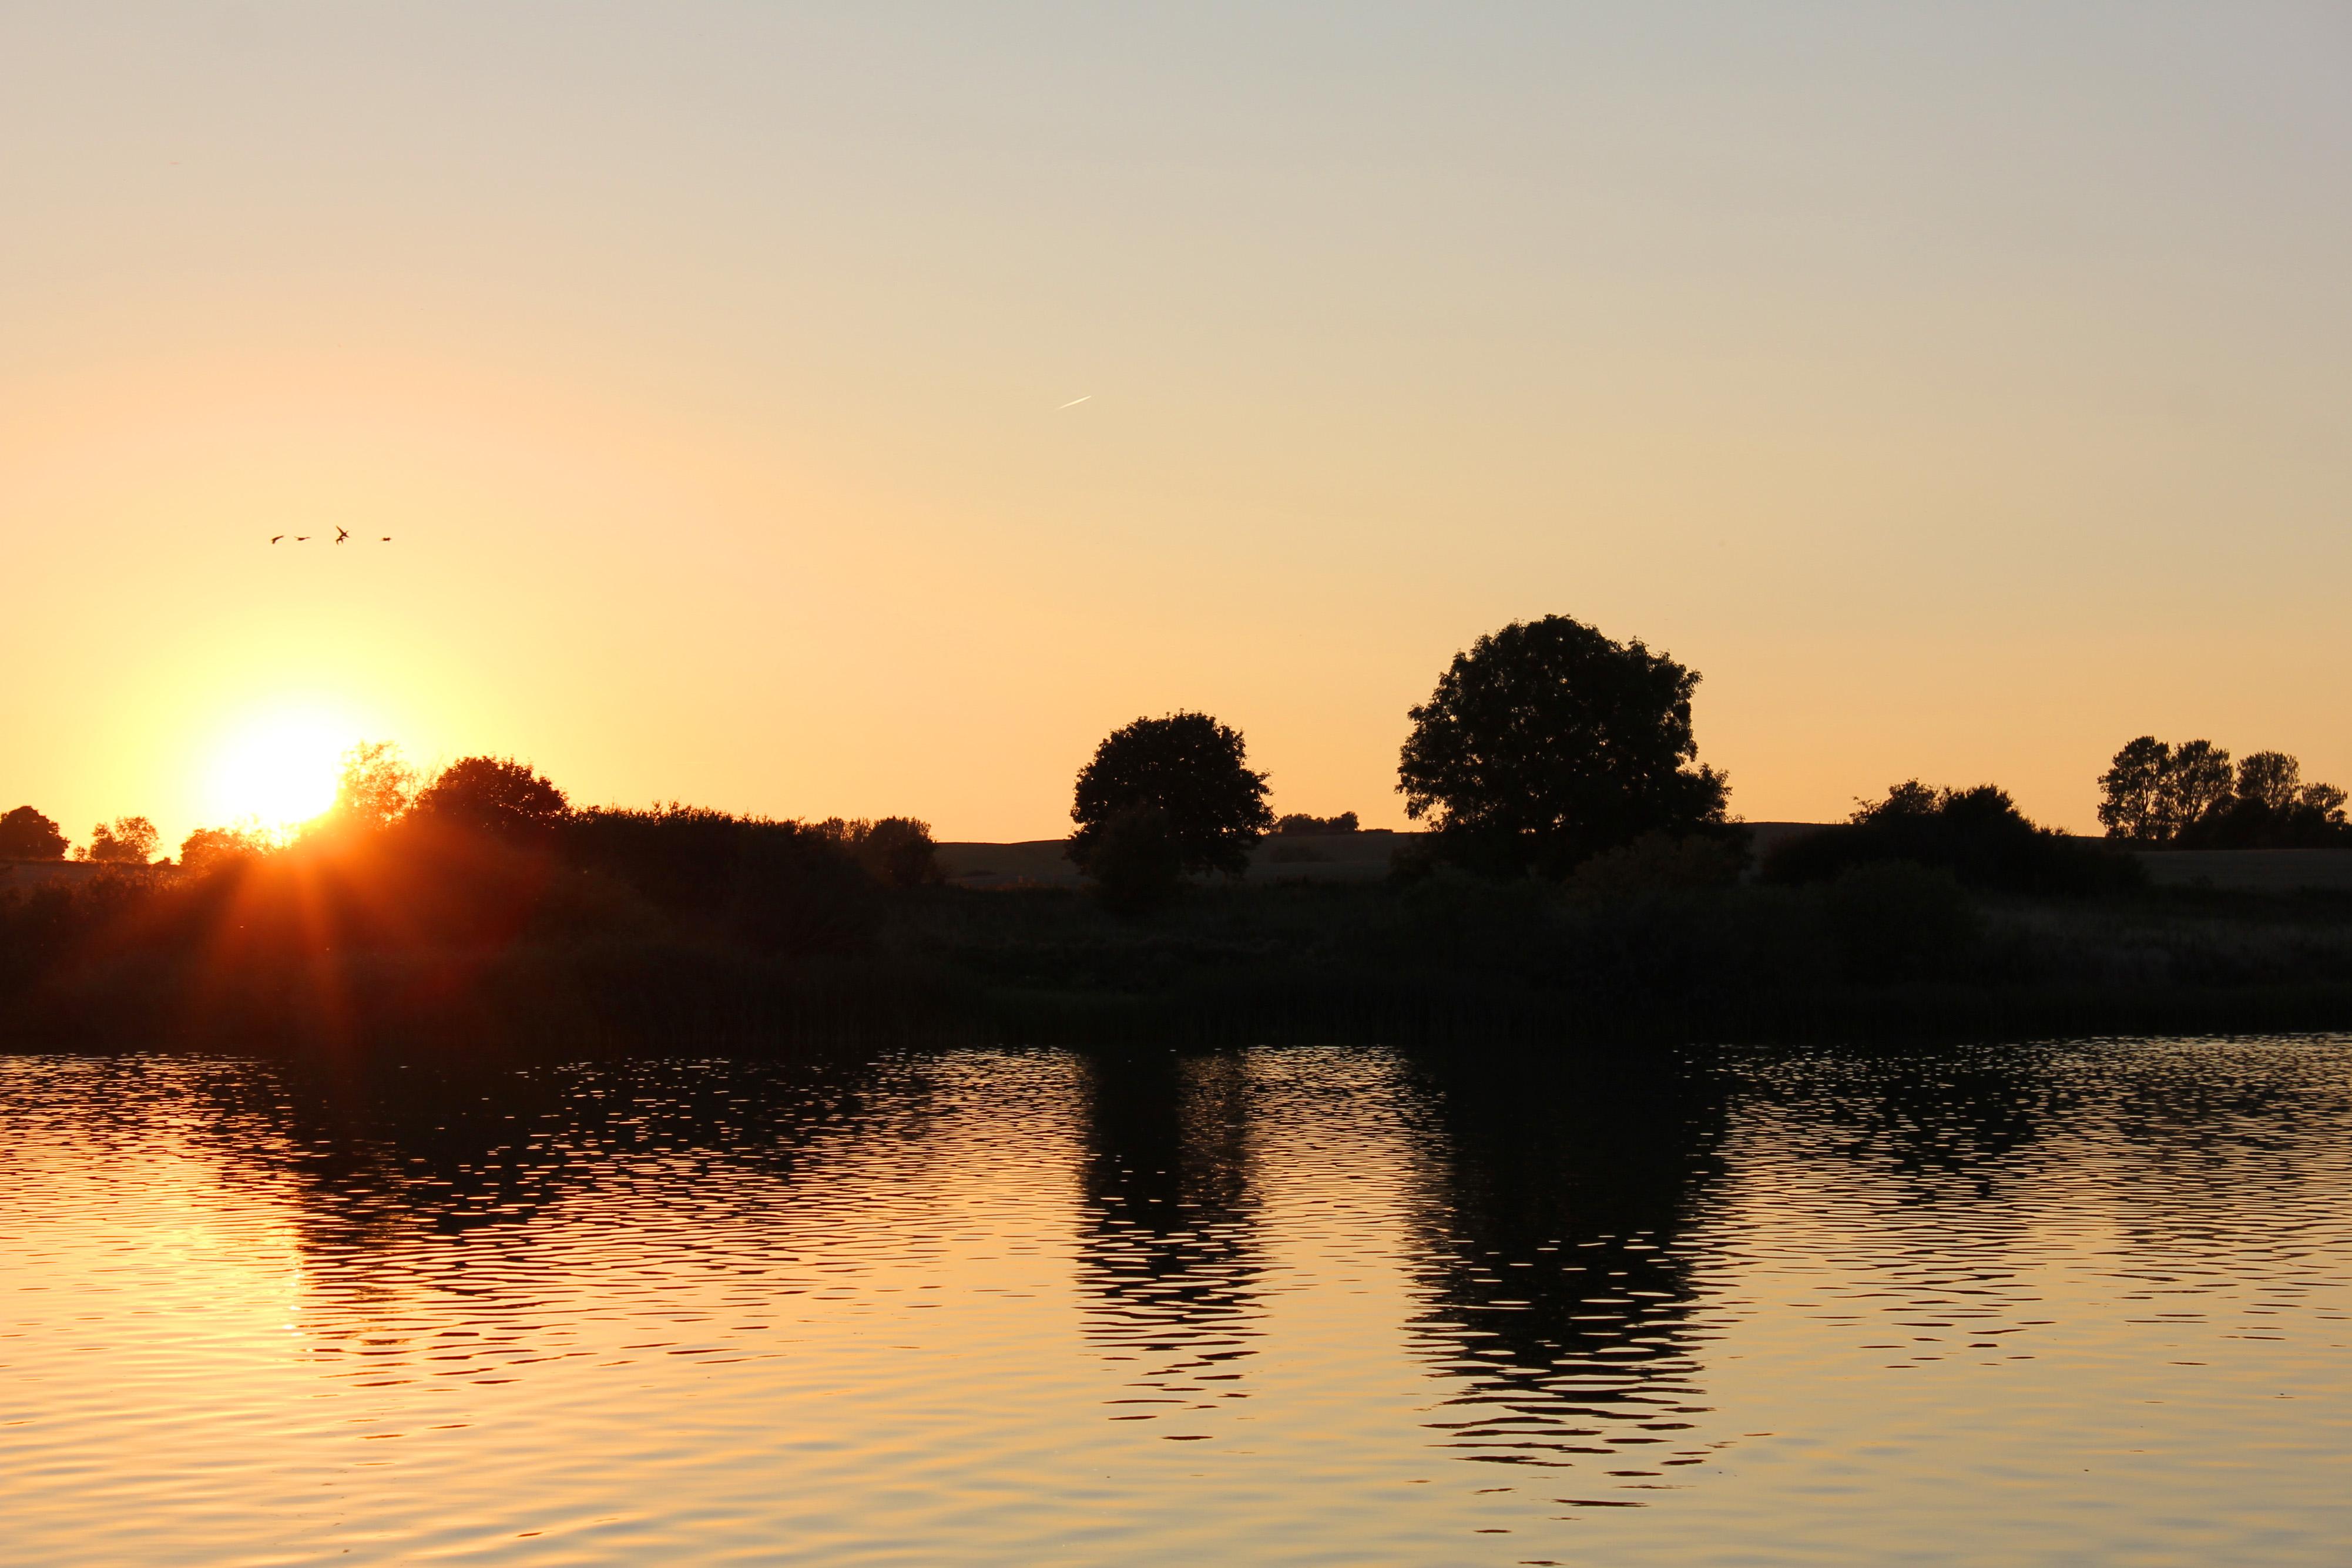 solnedgangsø